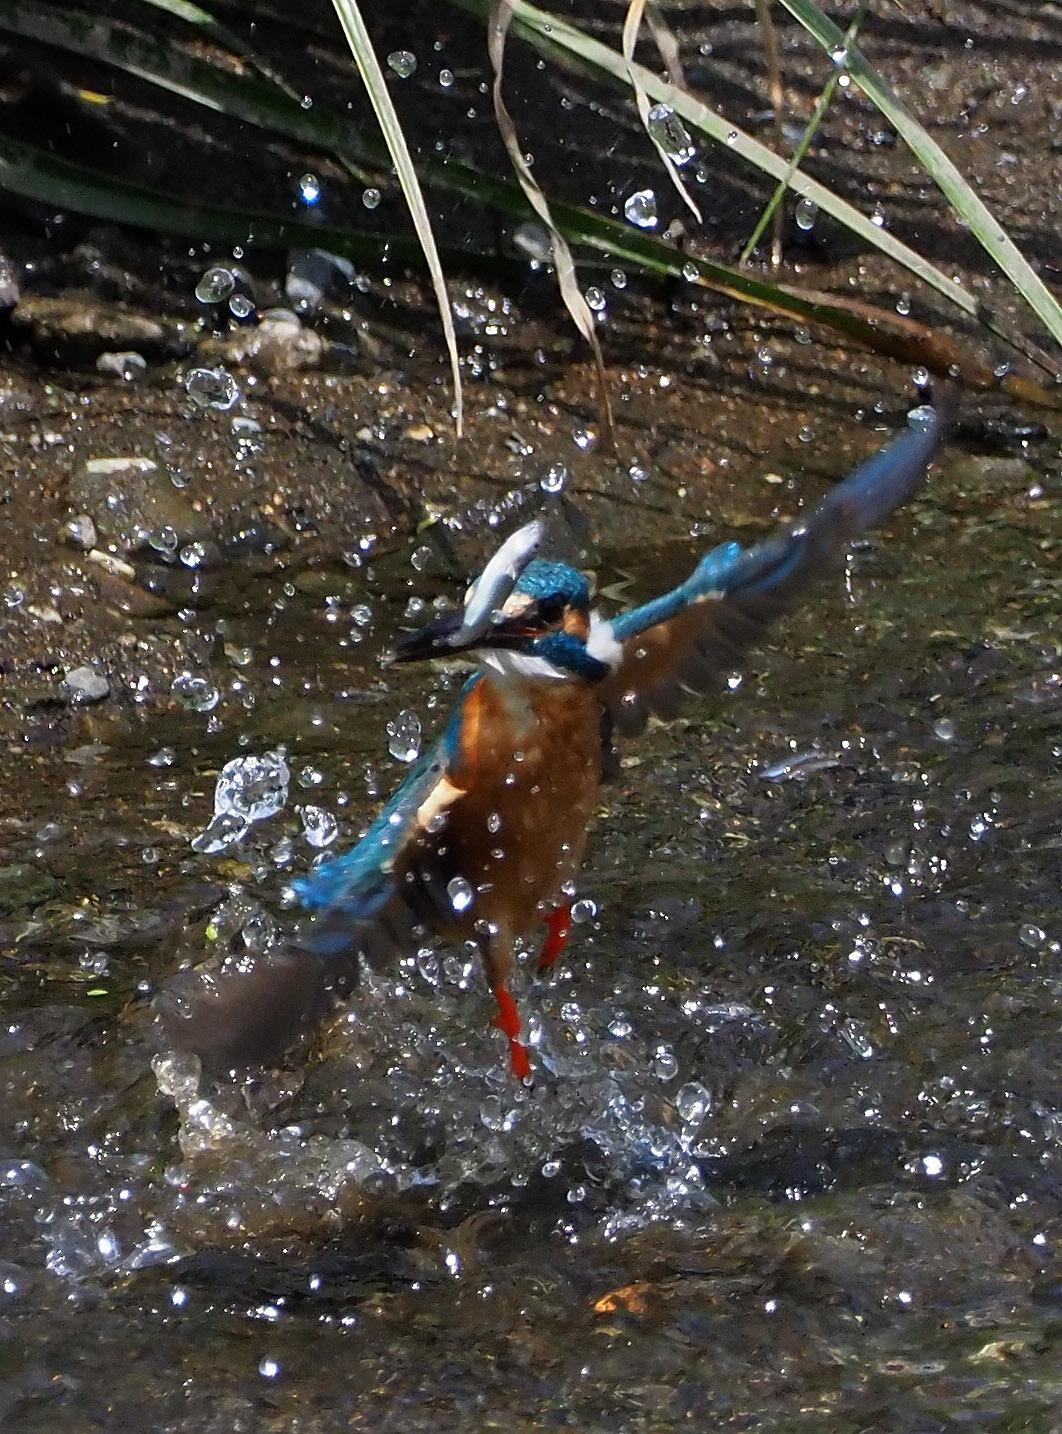 4月28日(日) カワセミのヒナが孵ったようで、10分おきくらいて゛鮎を運んでいました。_b0369117_14161841.jpg